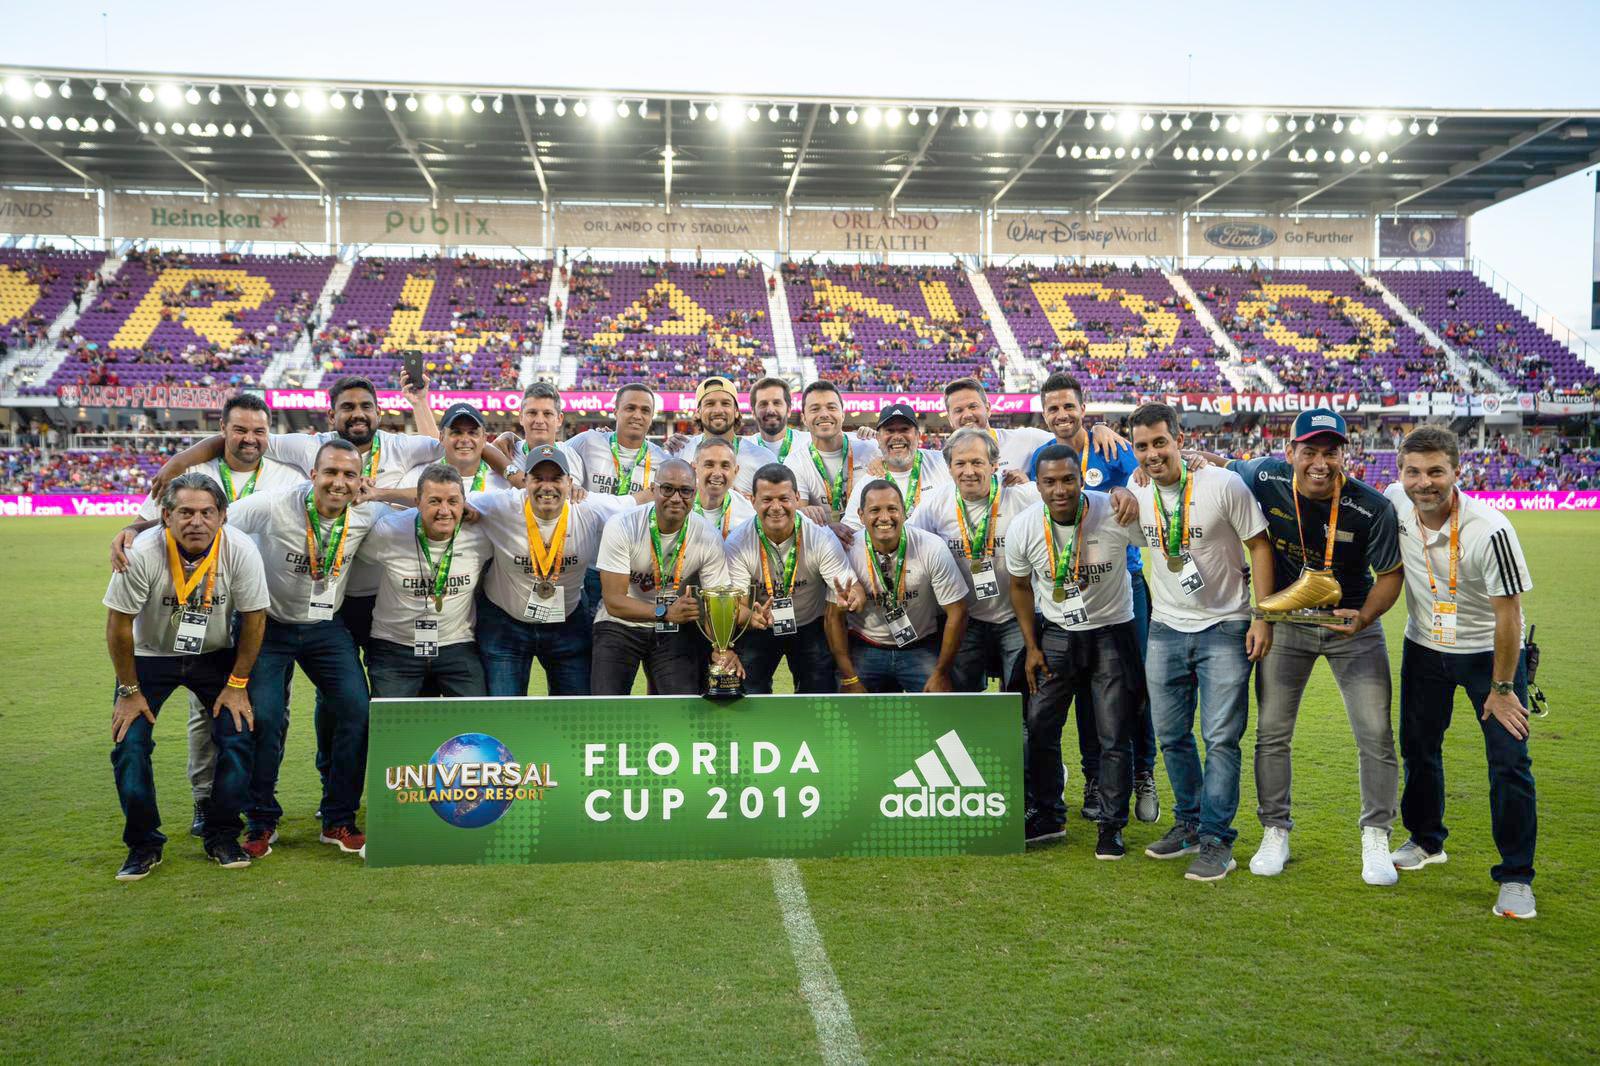 Florida Cup 2019 O maior evento de entretenimento desportivo da Flórida